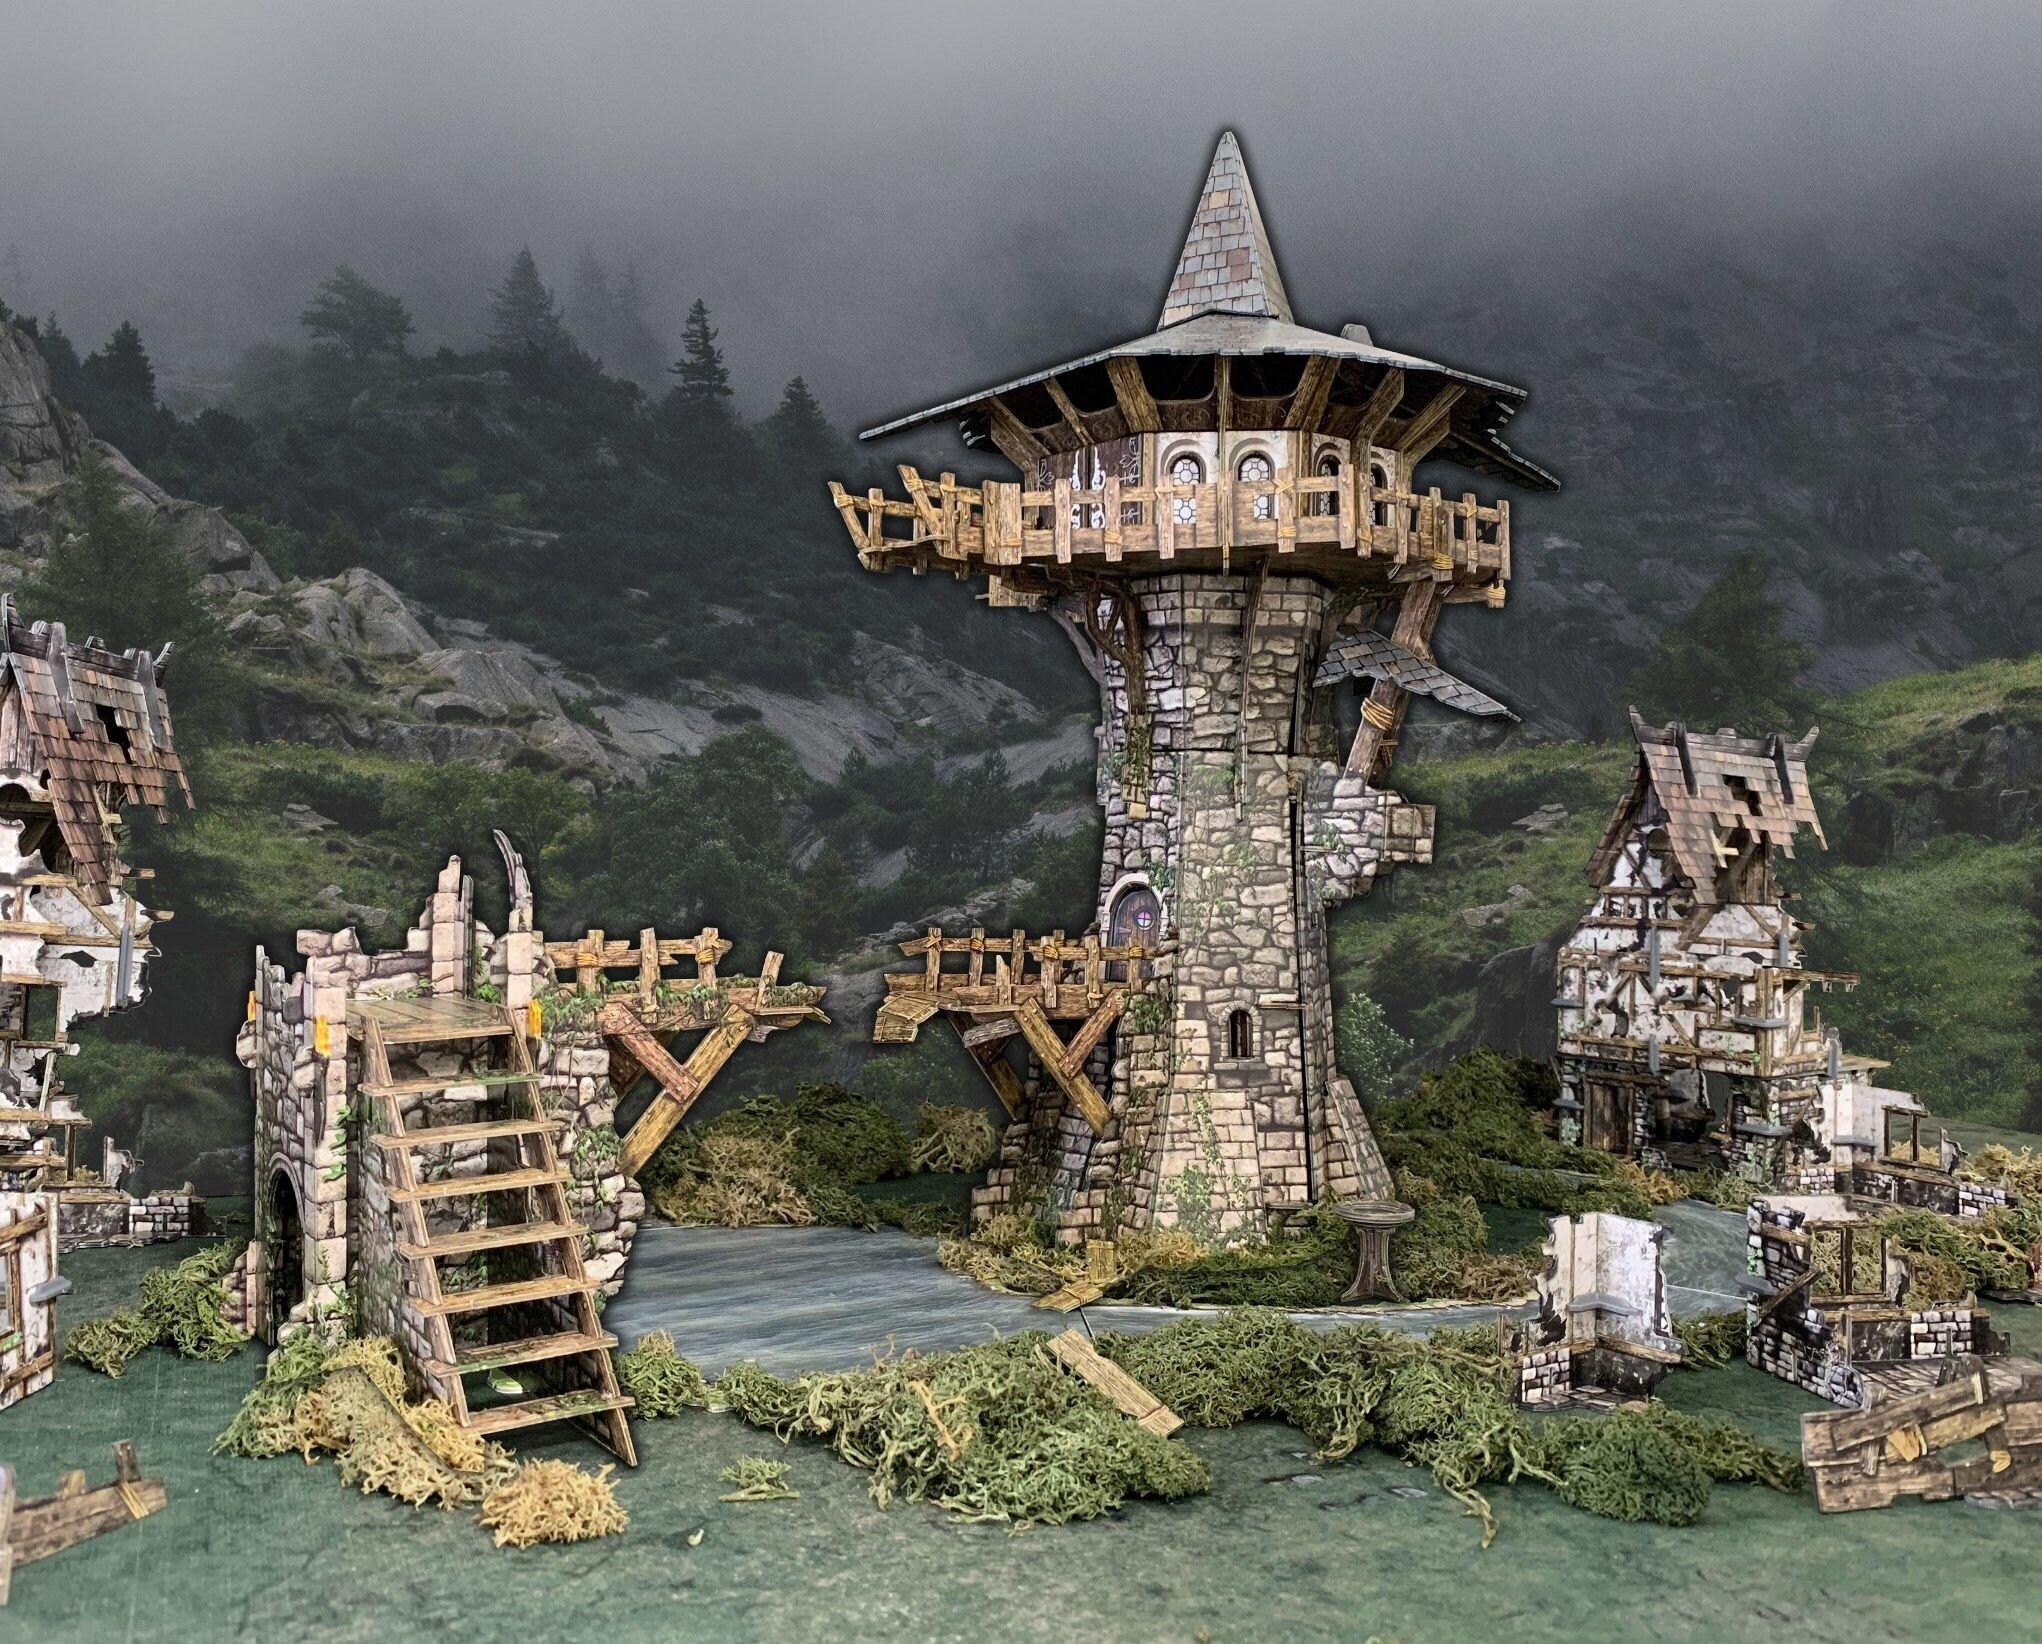 La tour du sorcier